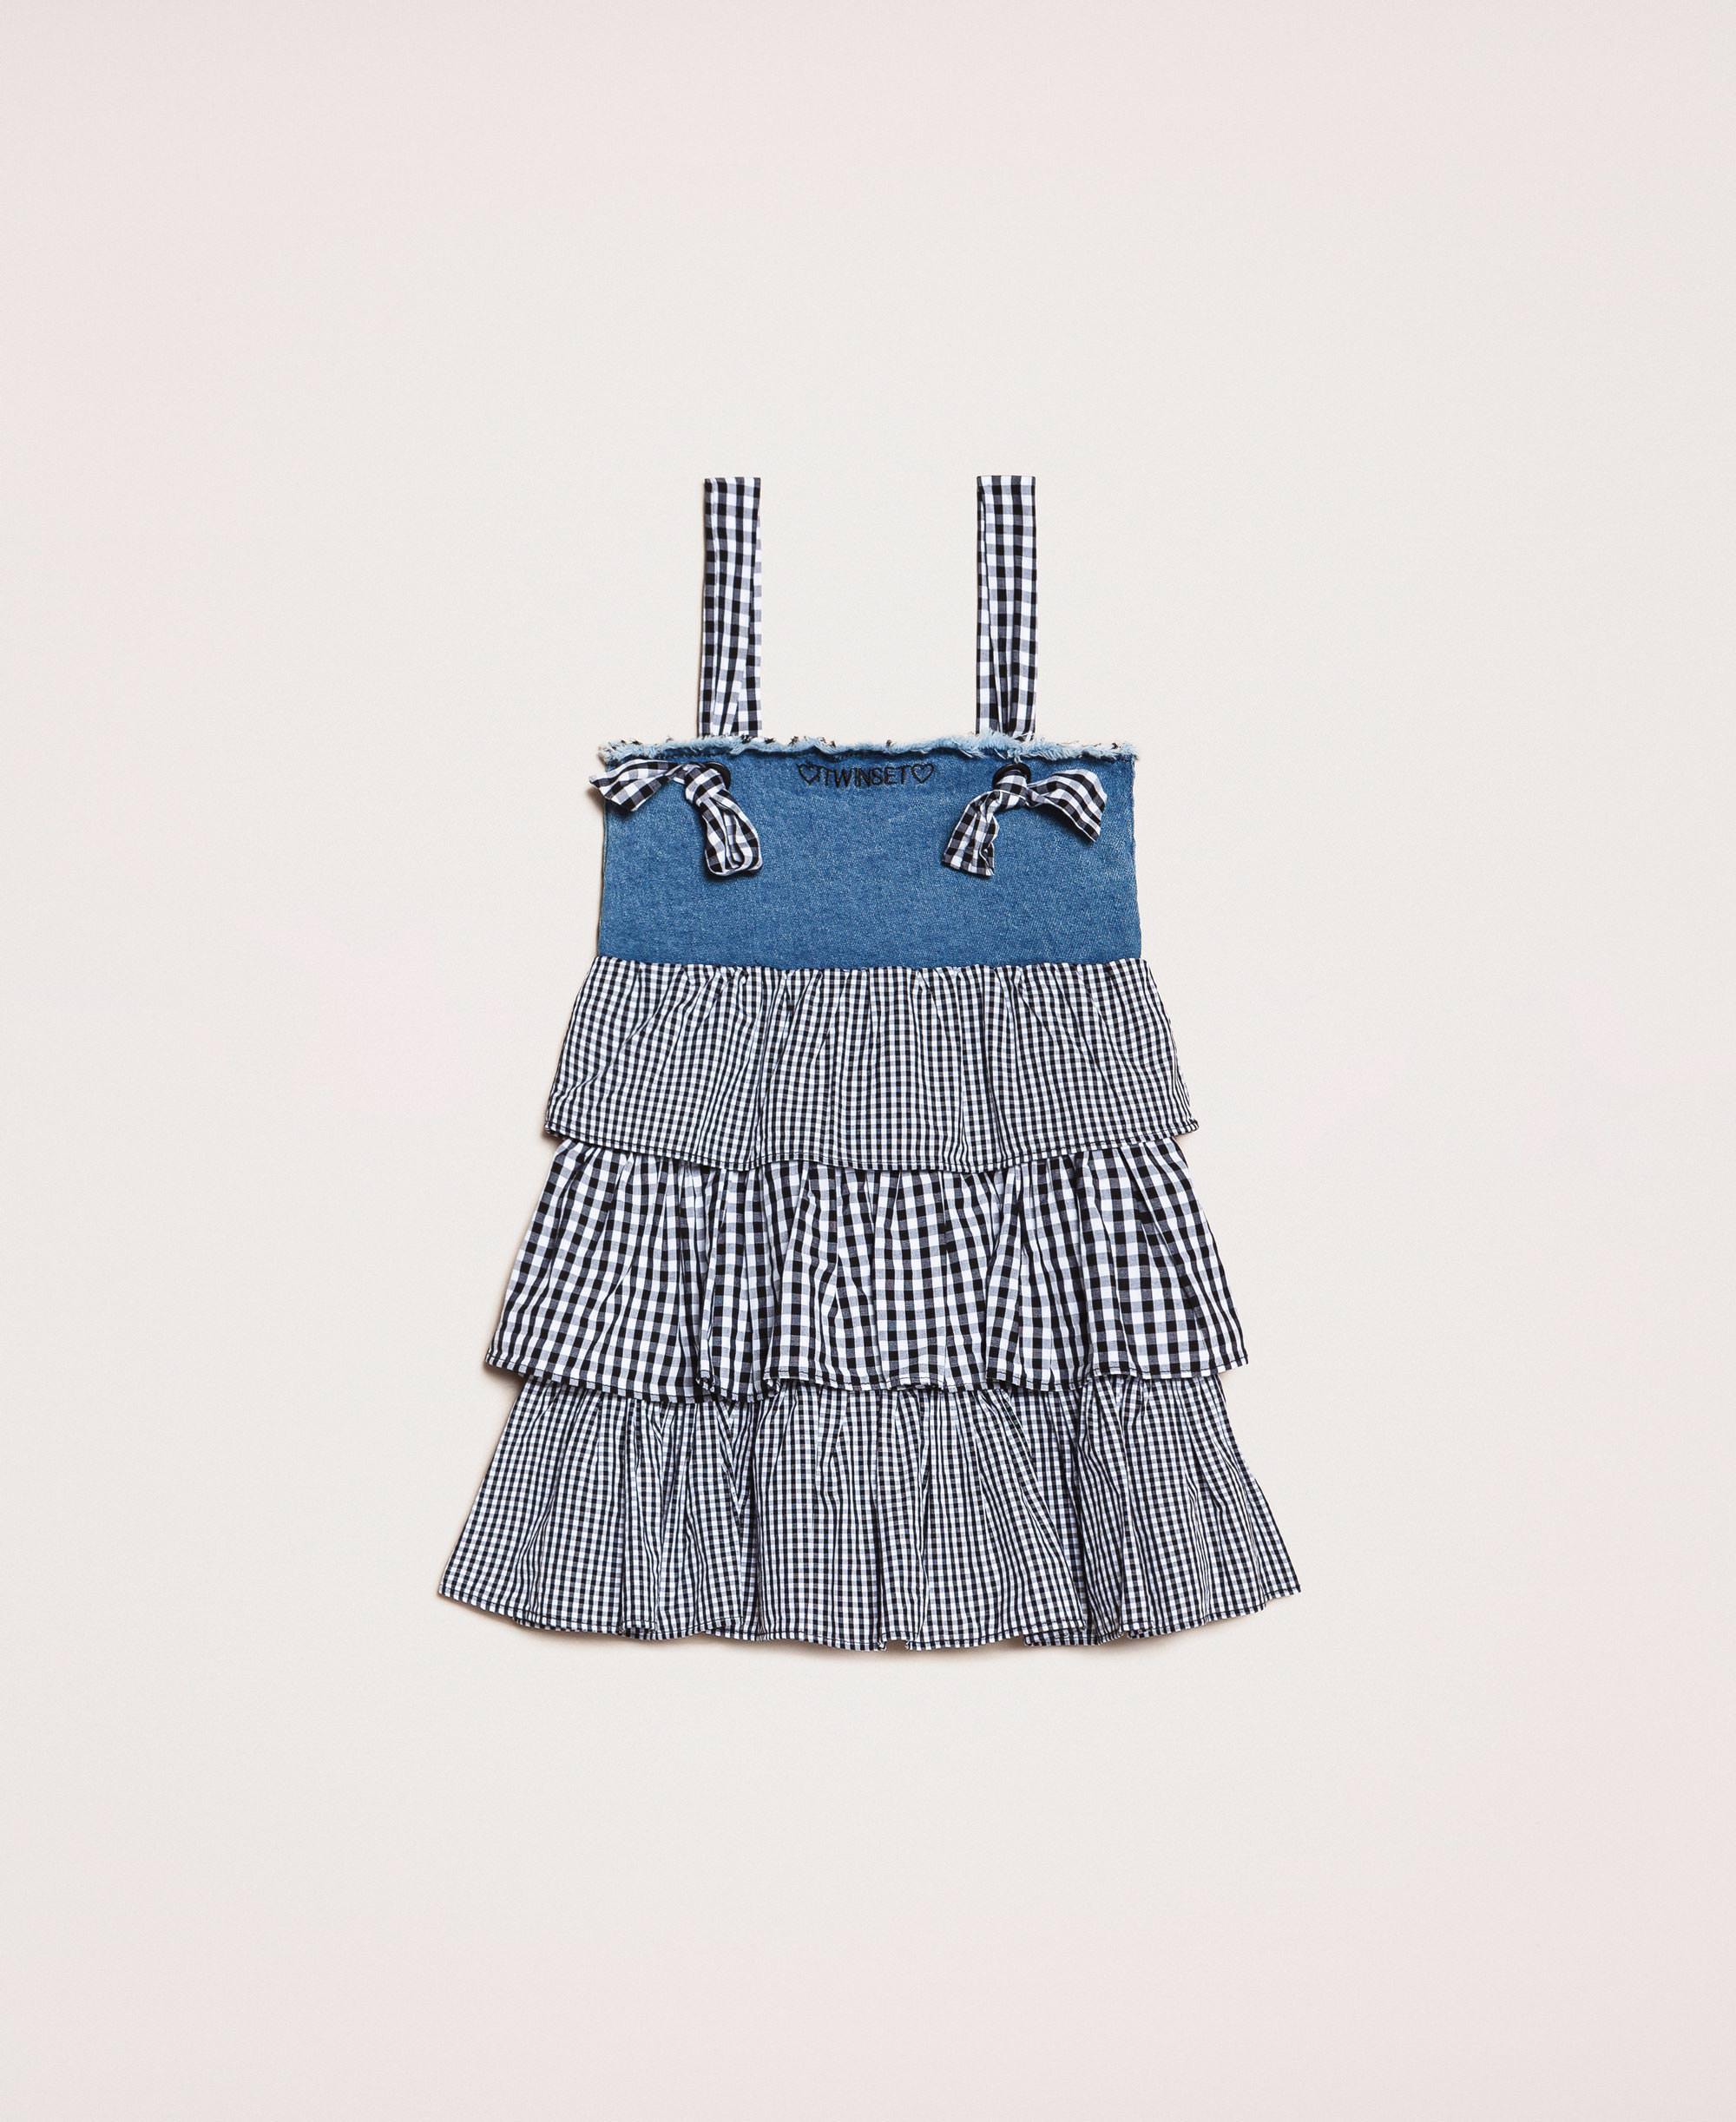 Kleid aus Denim mit Volants im Vichymuster. Kind, Blau  TWINSET